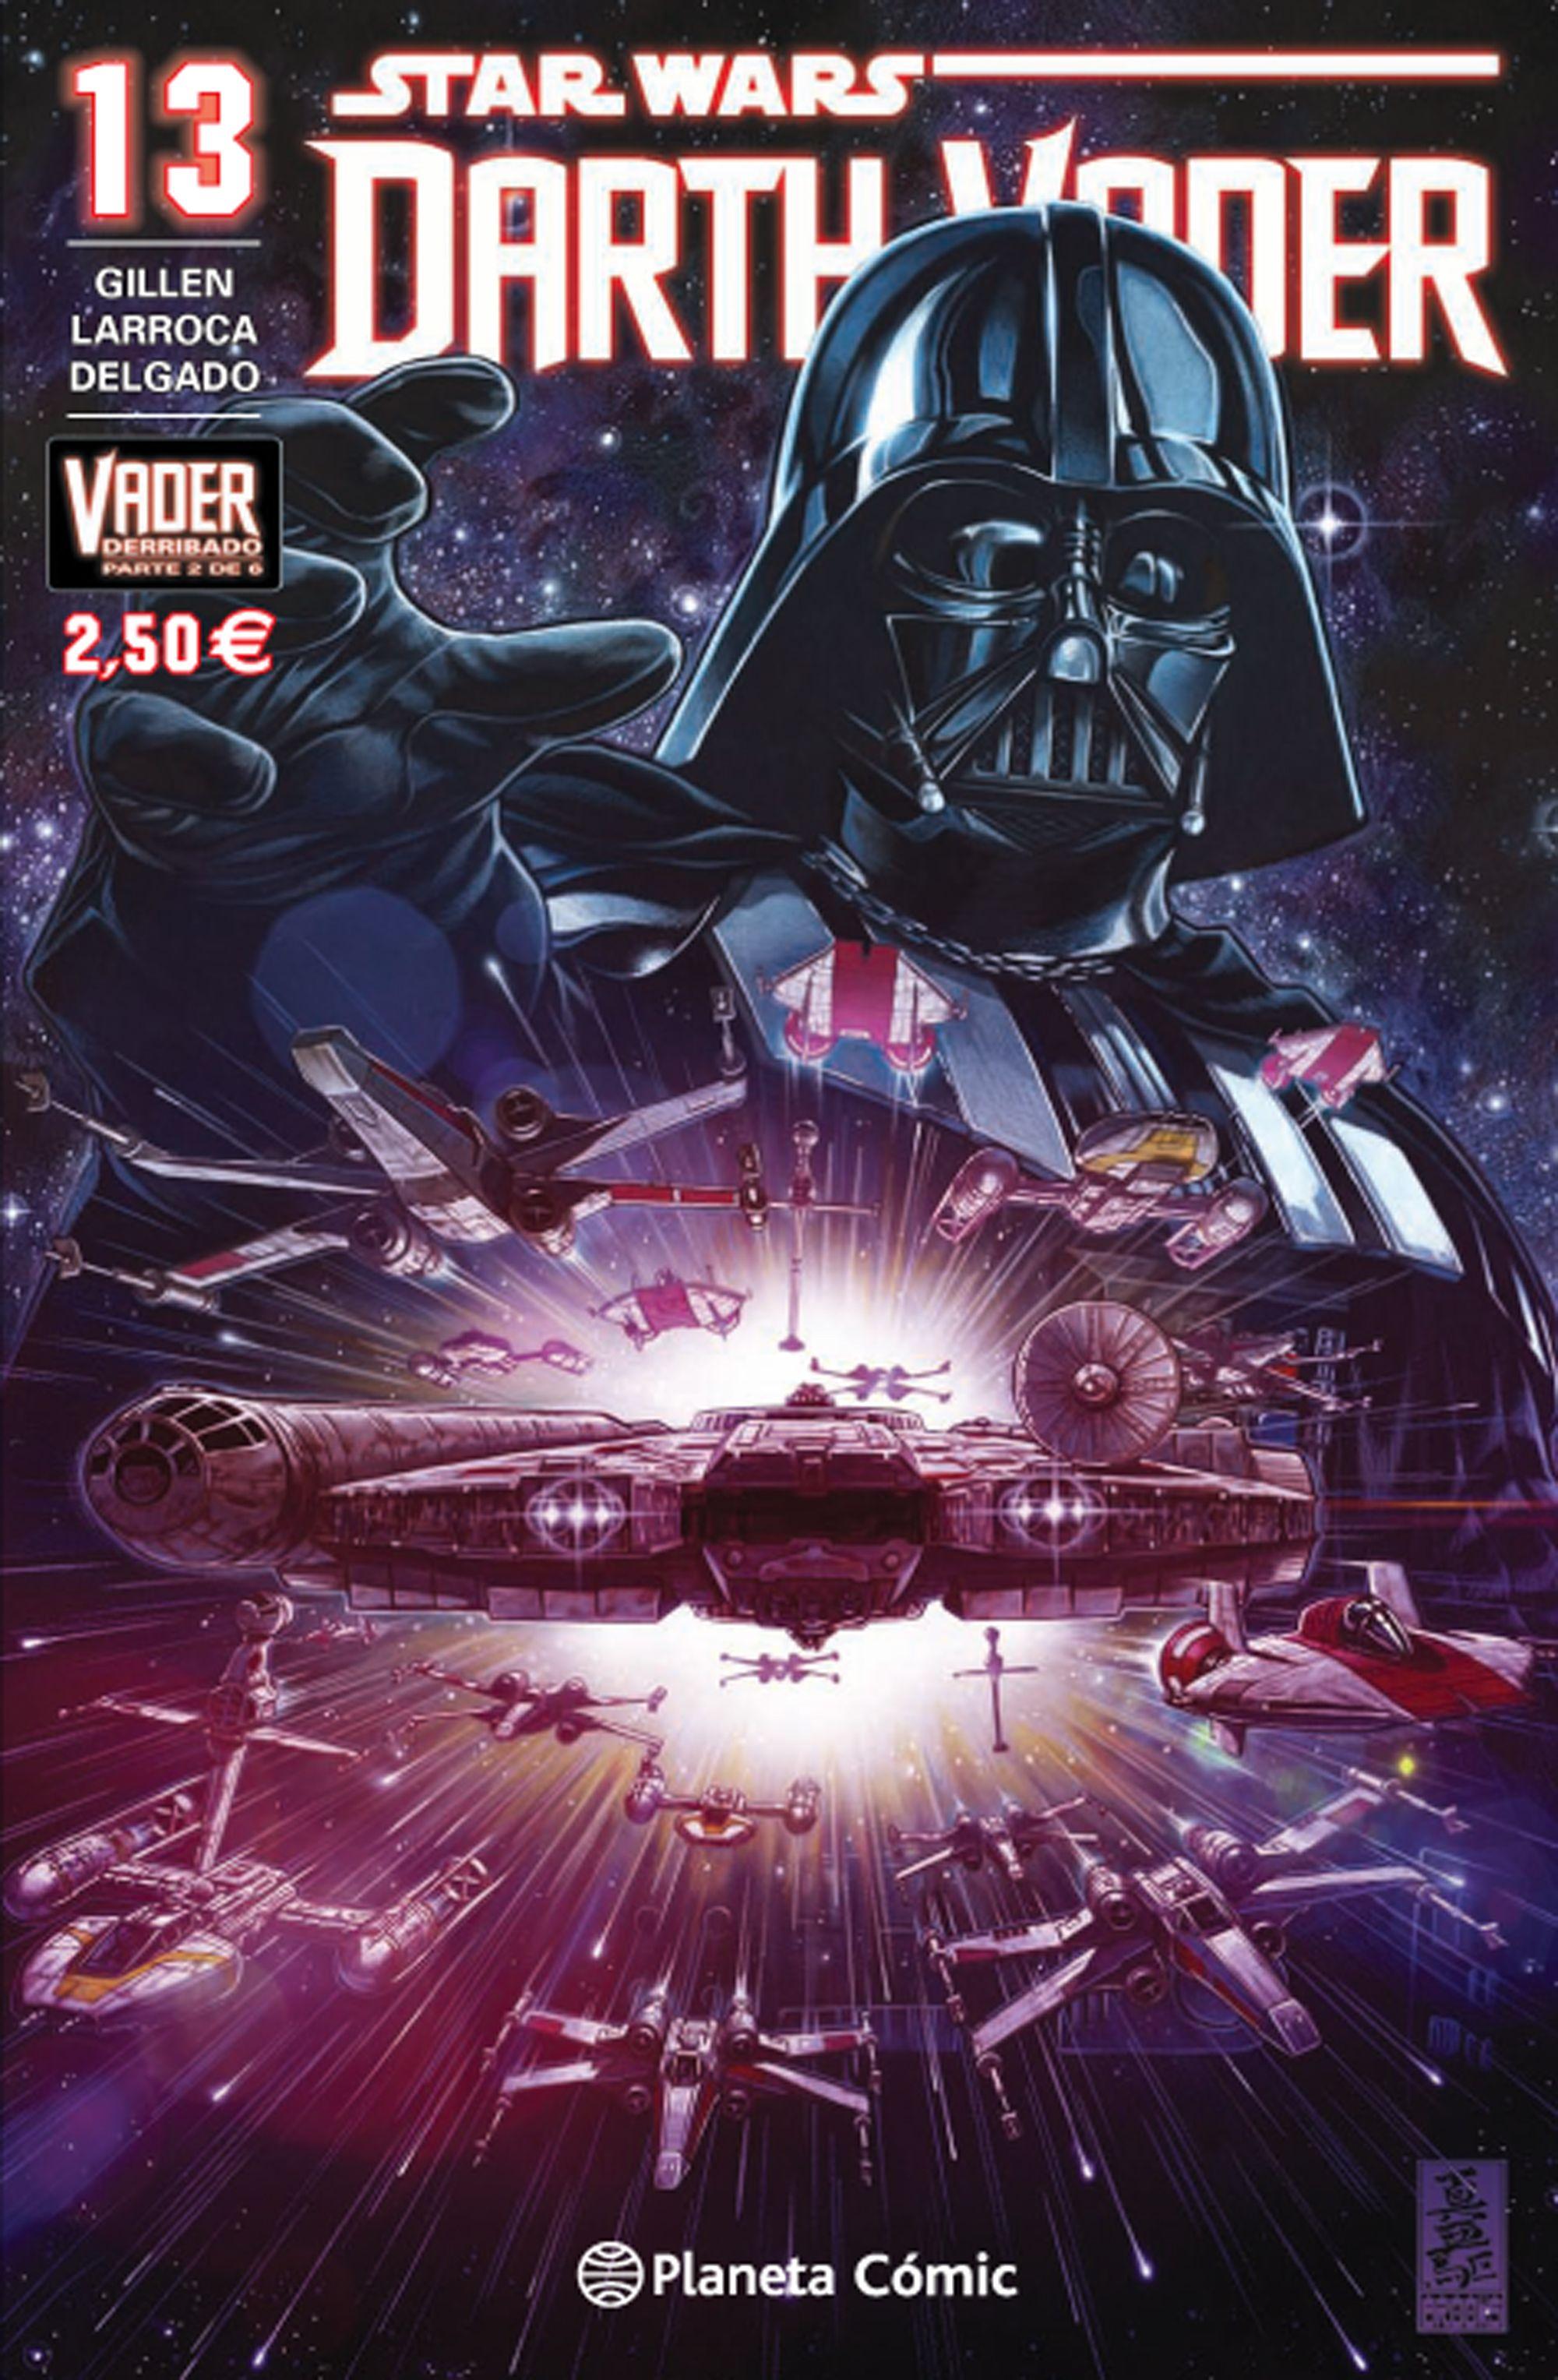 Star Wars Darth Vader Nº 13 (vader Derribado 2 De 6) por Salvador Larroca;                                                                                    Kieron Gillen